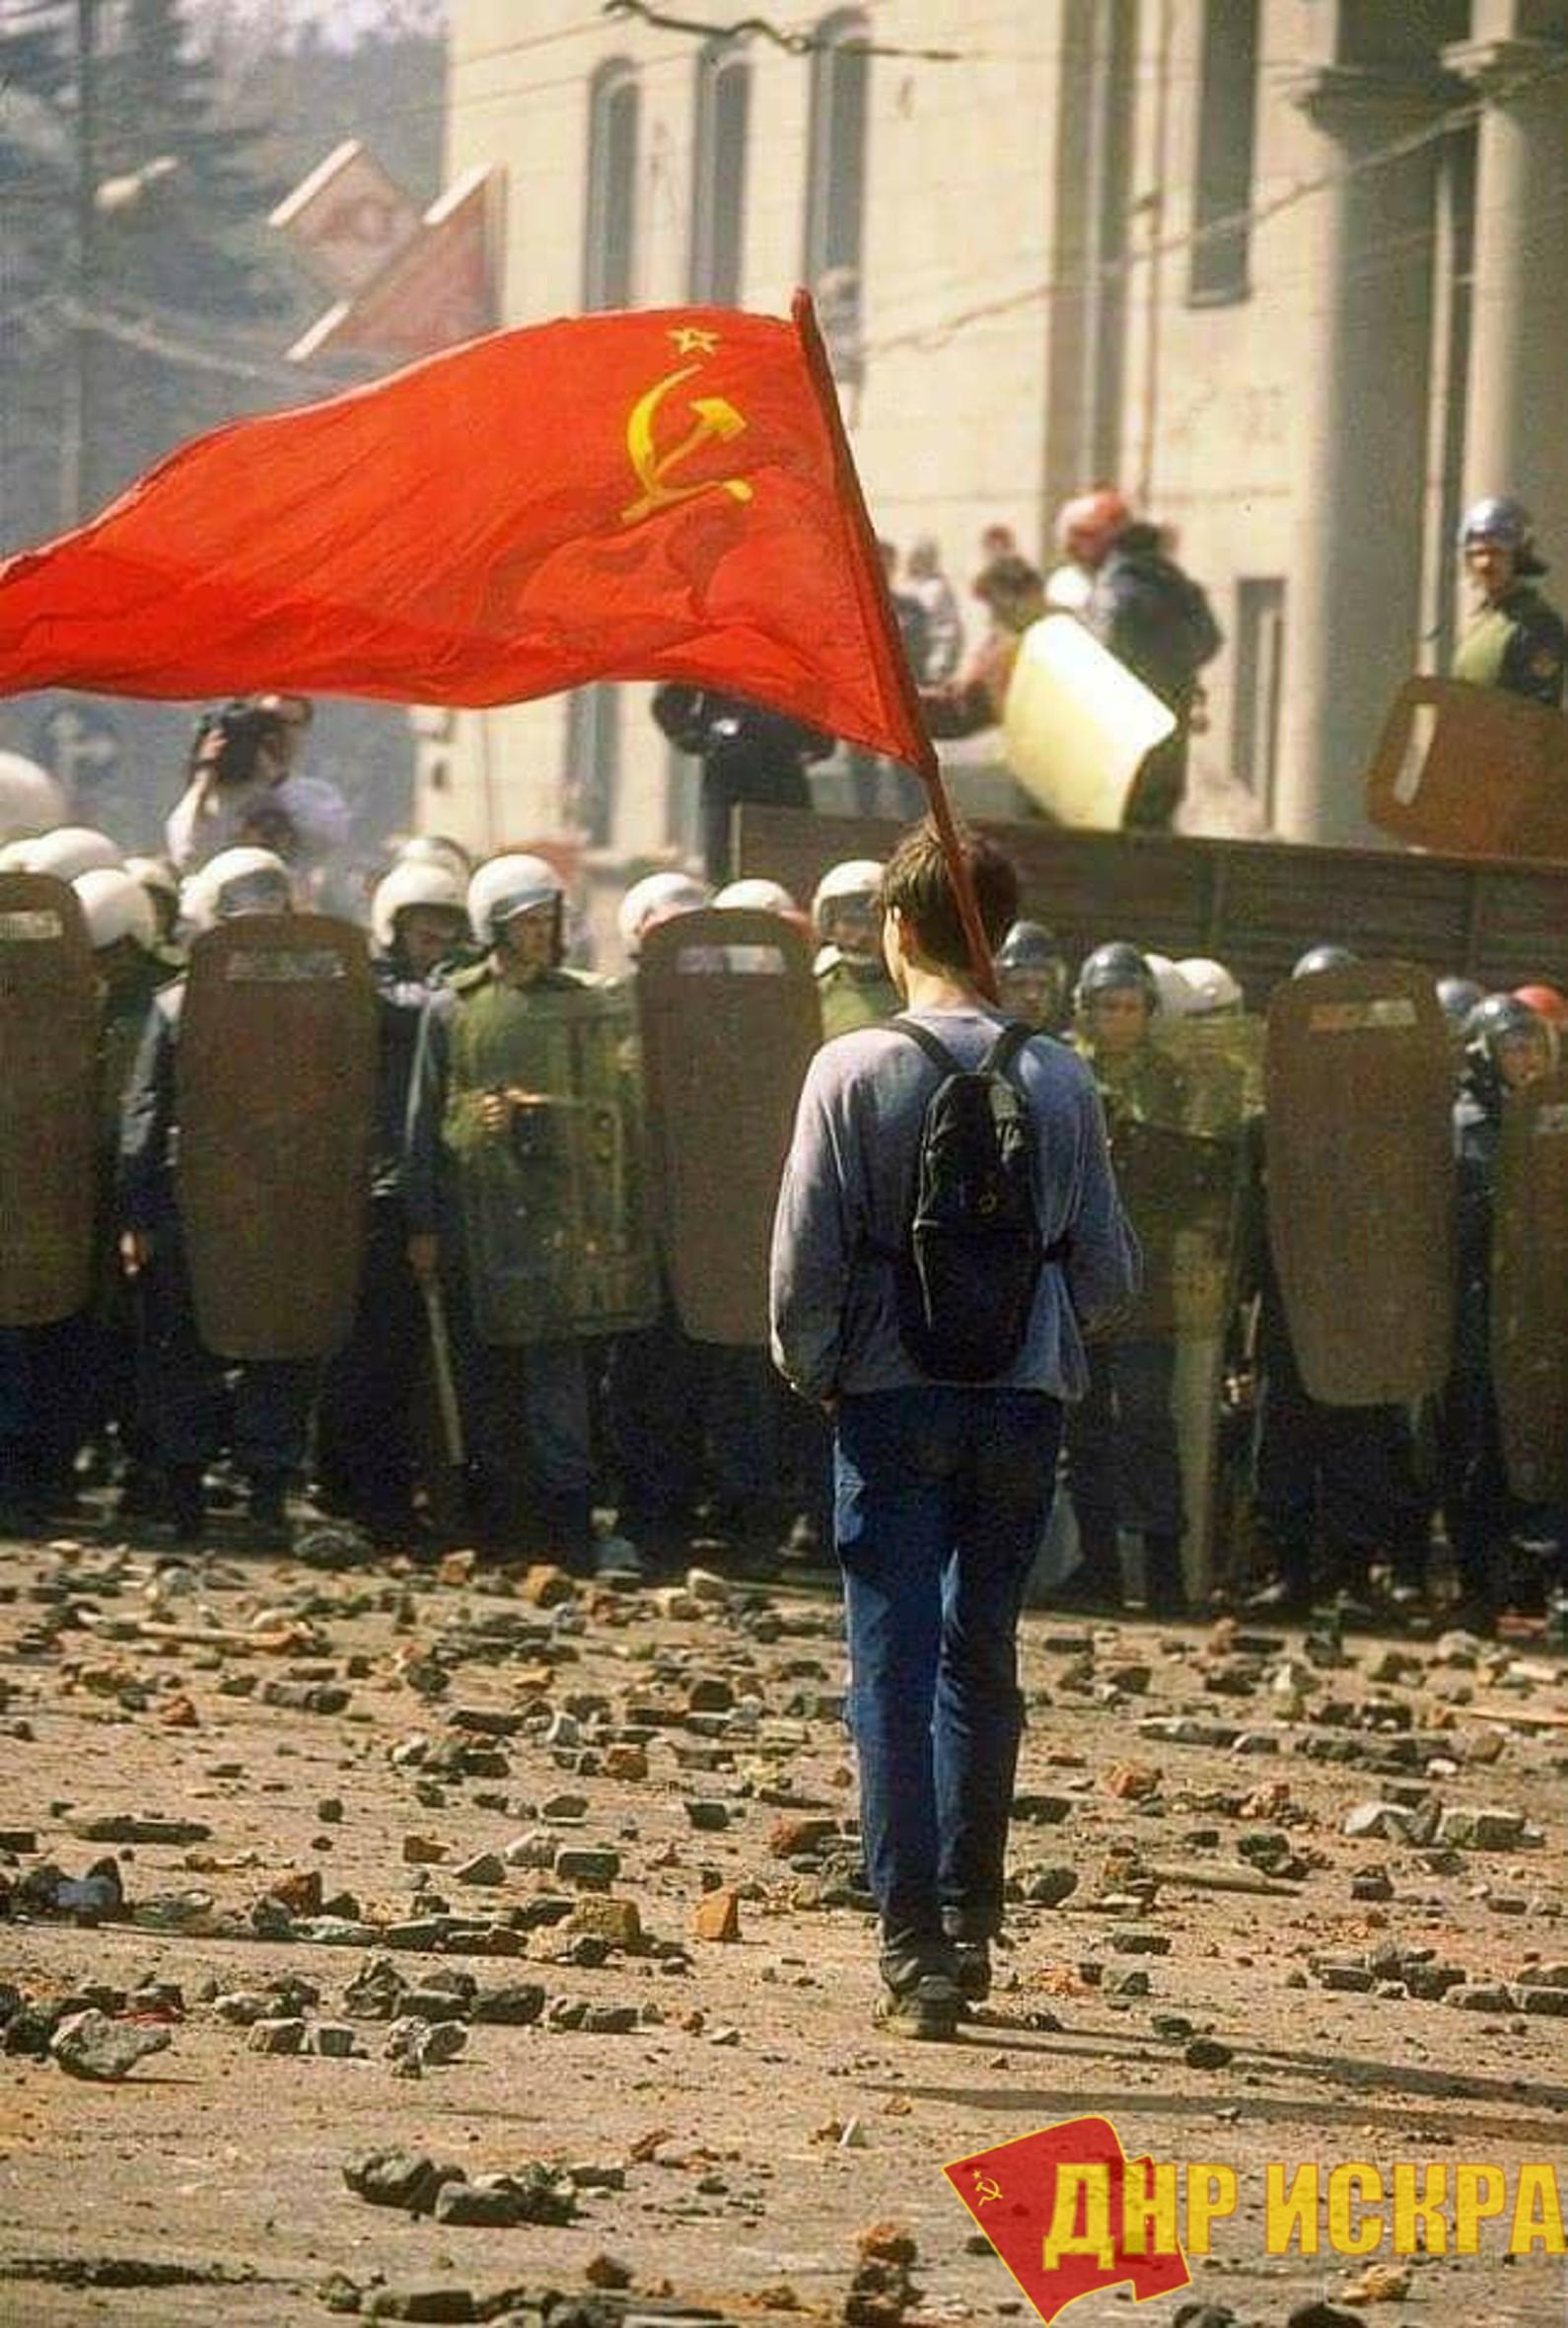 Дмитрий Новиков в эфире телеканала ТВ Центр: «В 1993 году было расстреляно будущее страны»